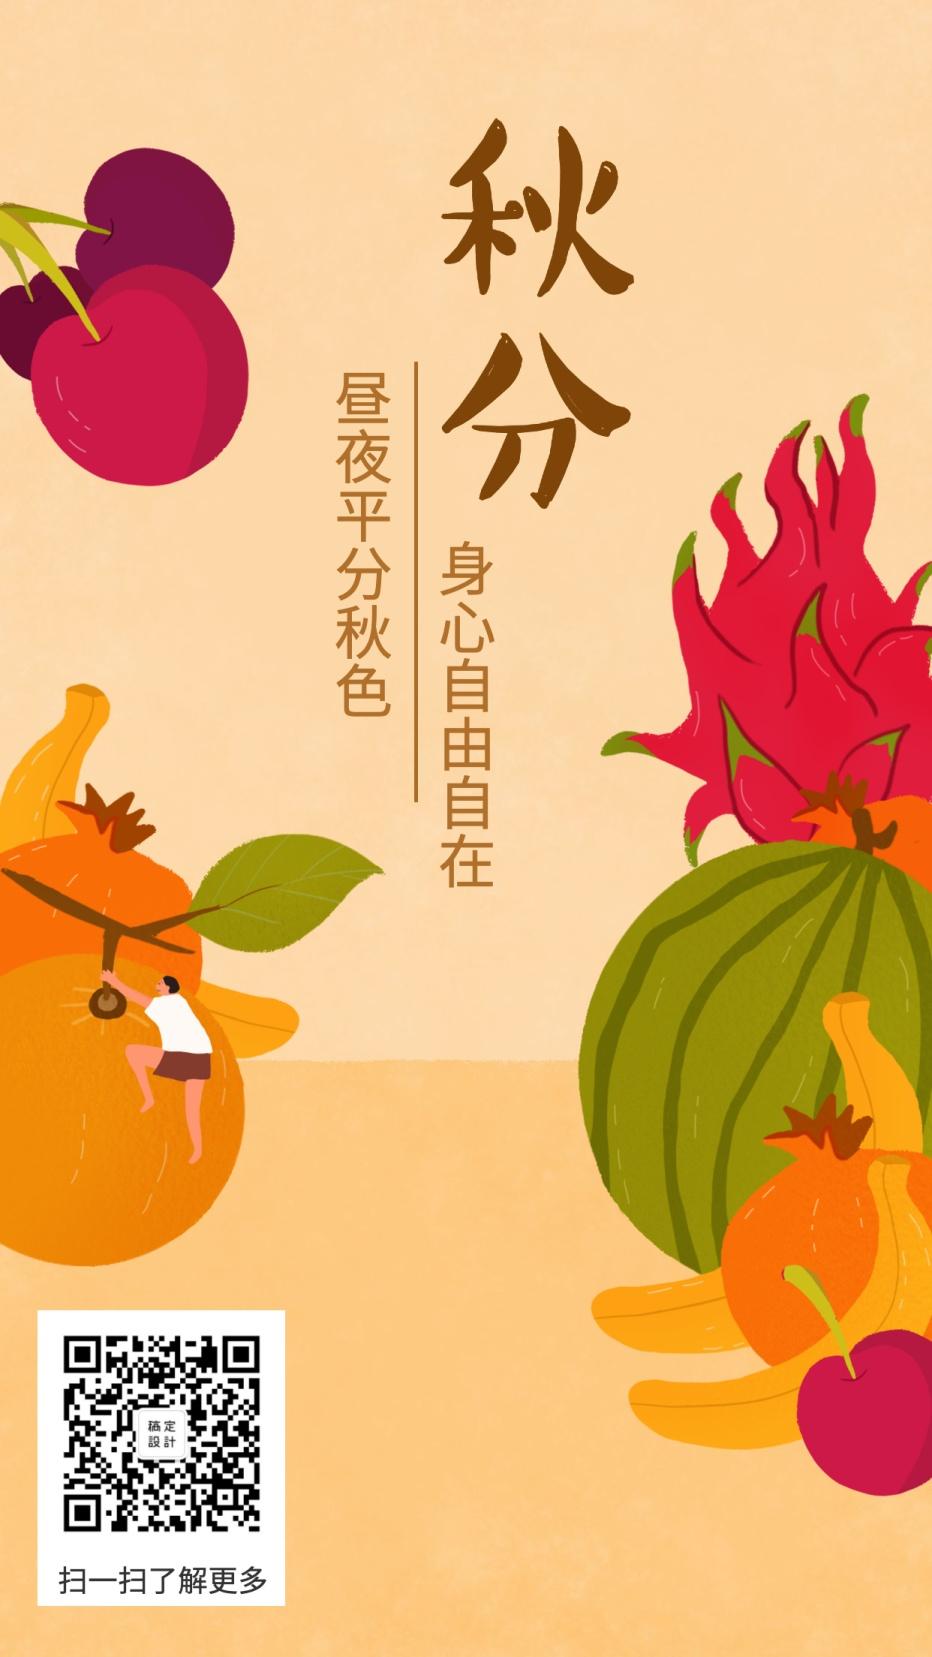 秋分节气节日插画手机海报